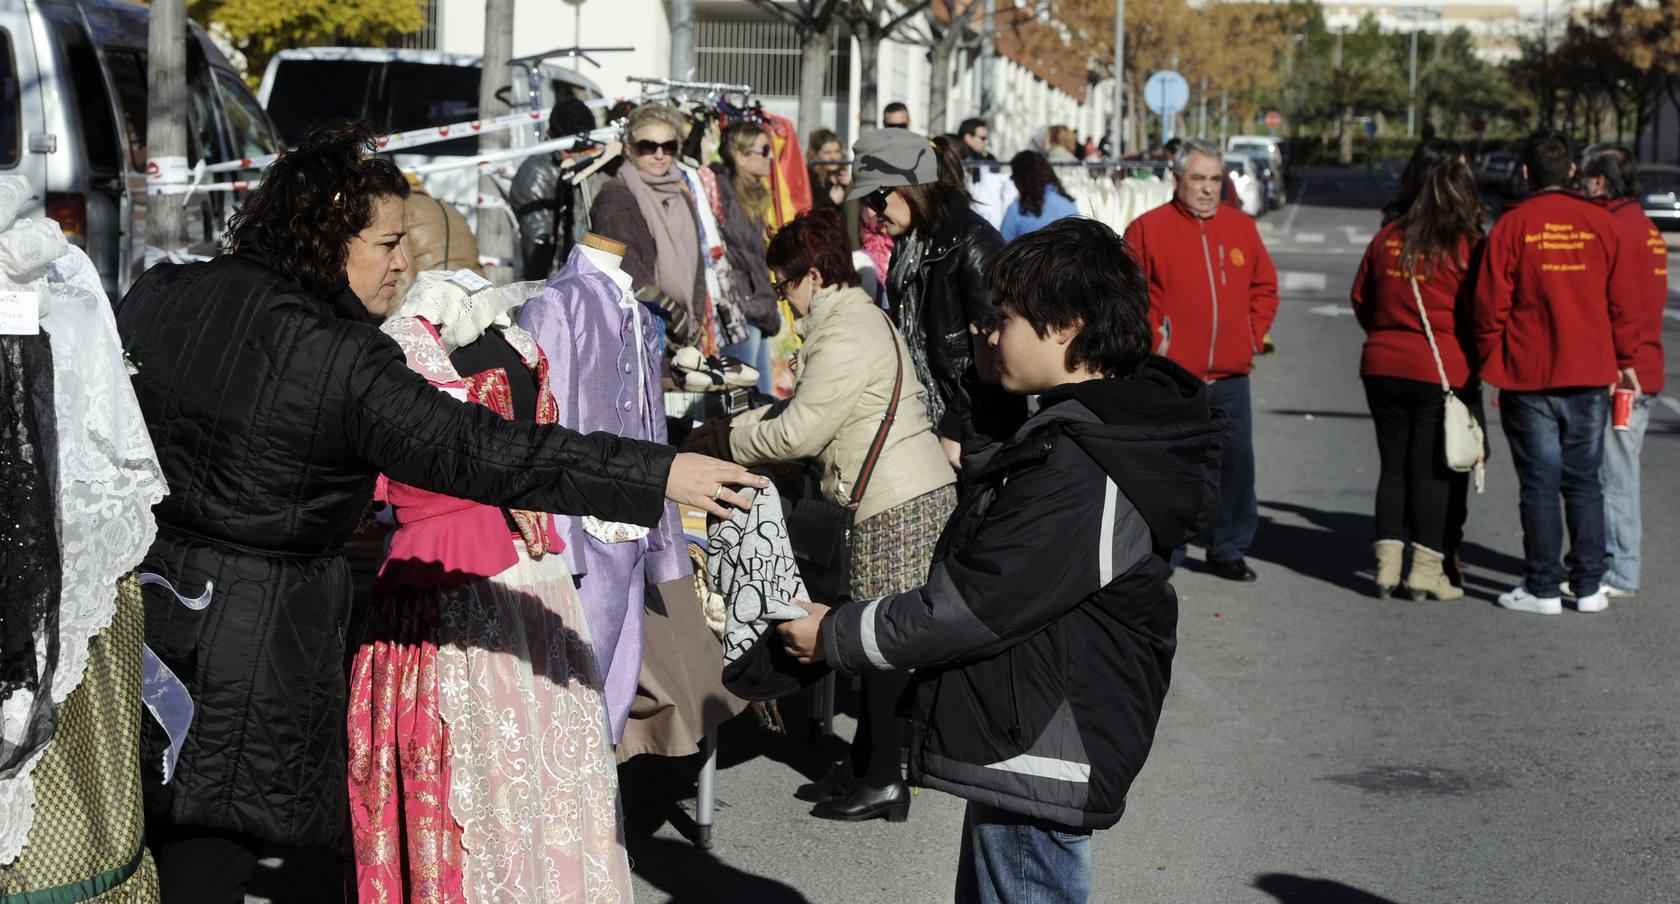 Mercadillo de trueque en Alicante, organizado por el Ayuntamiento e Inusa